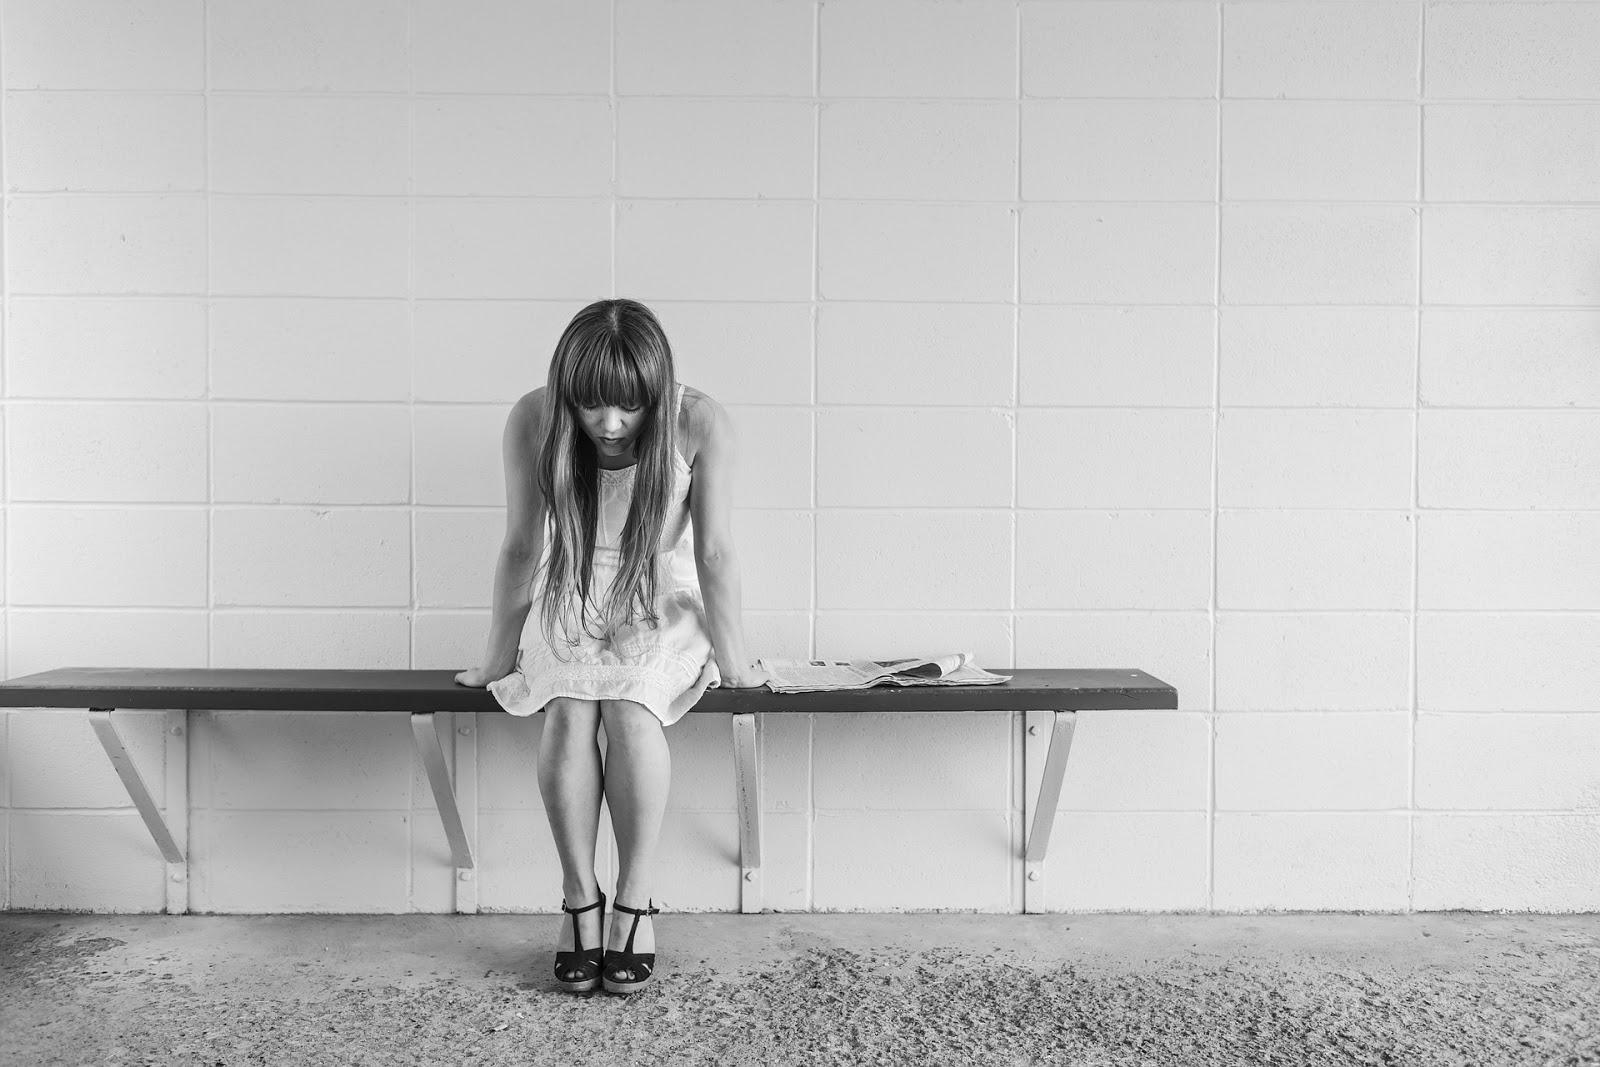 fobia społeczna | fobia | depresja